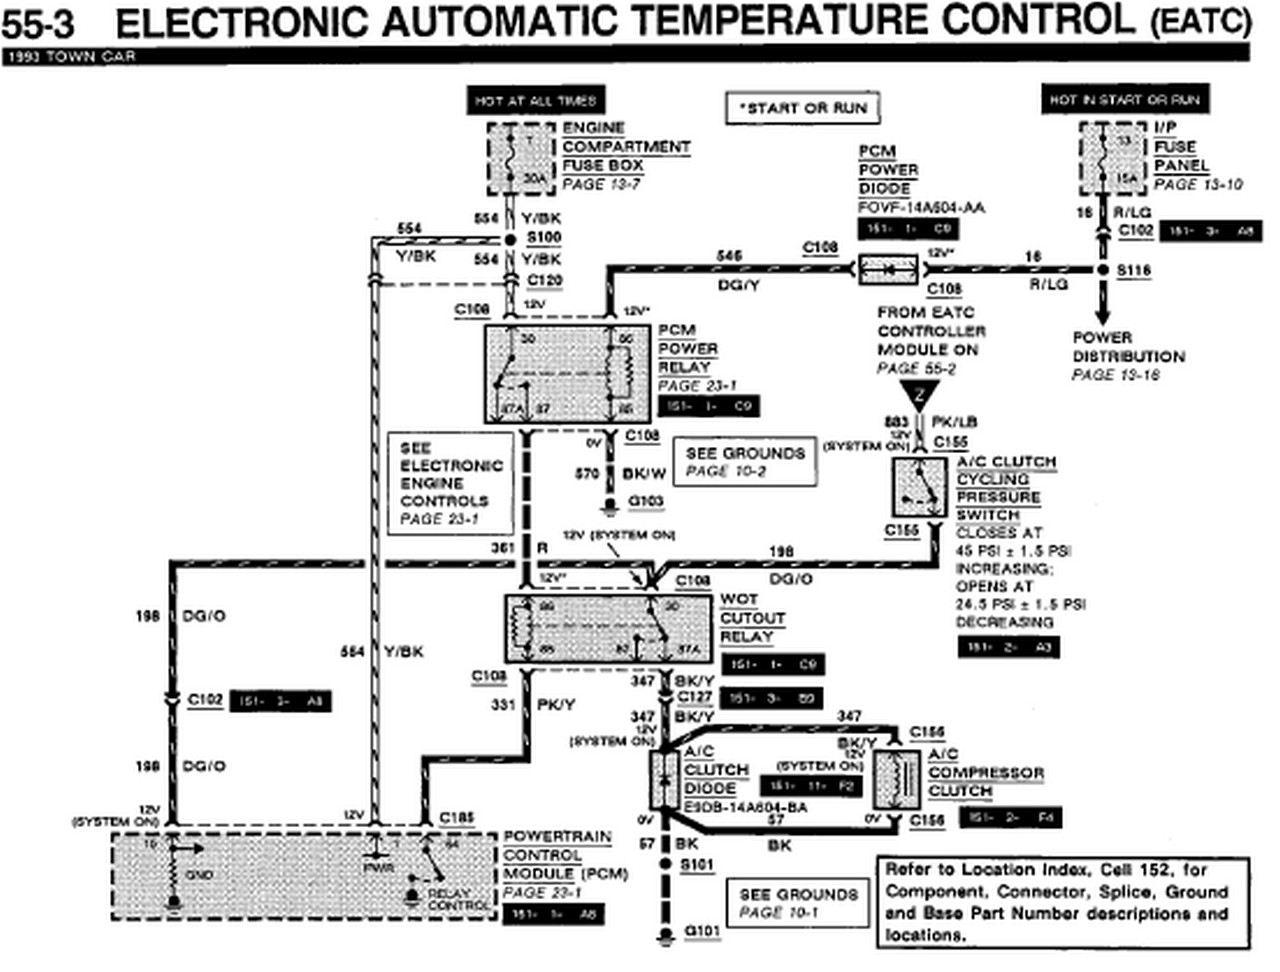 1993 lincoln town car eatc wiring diagram